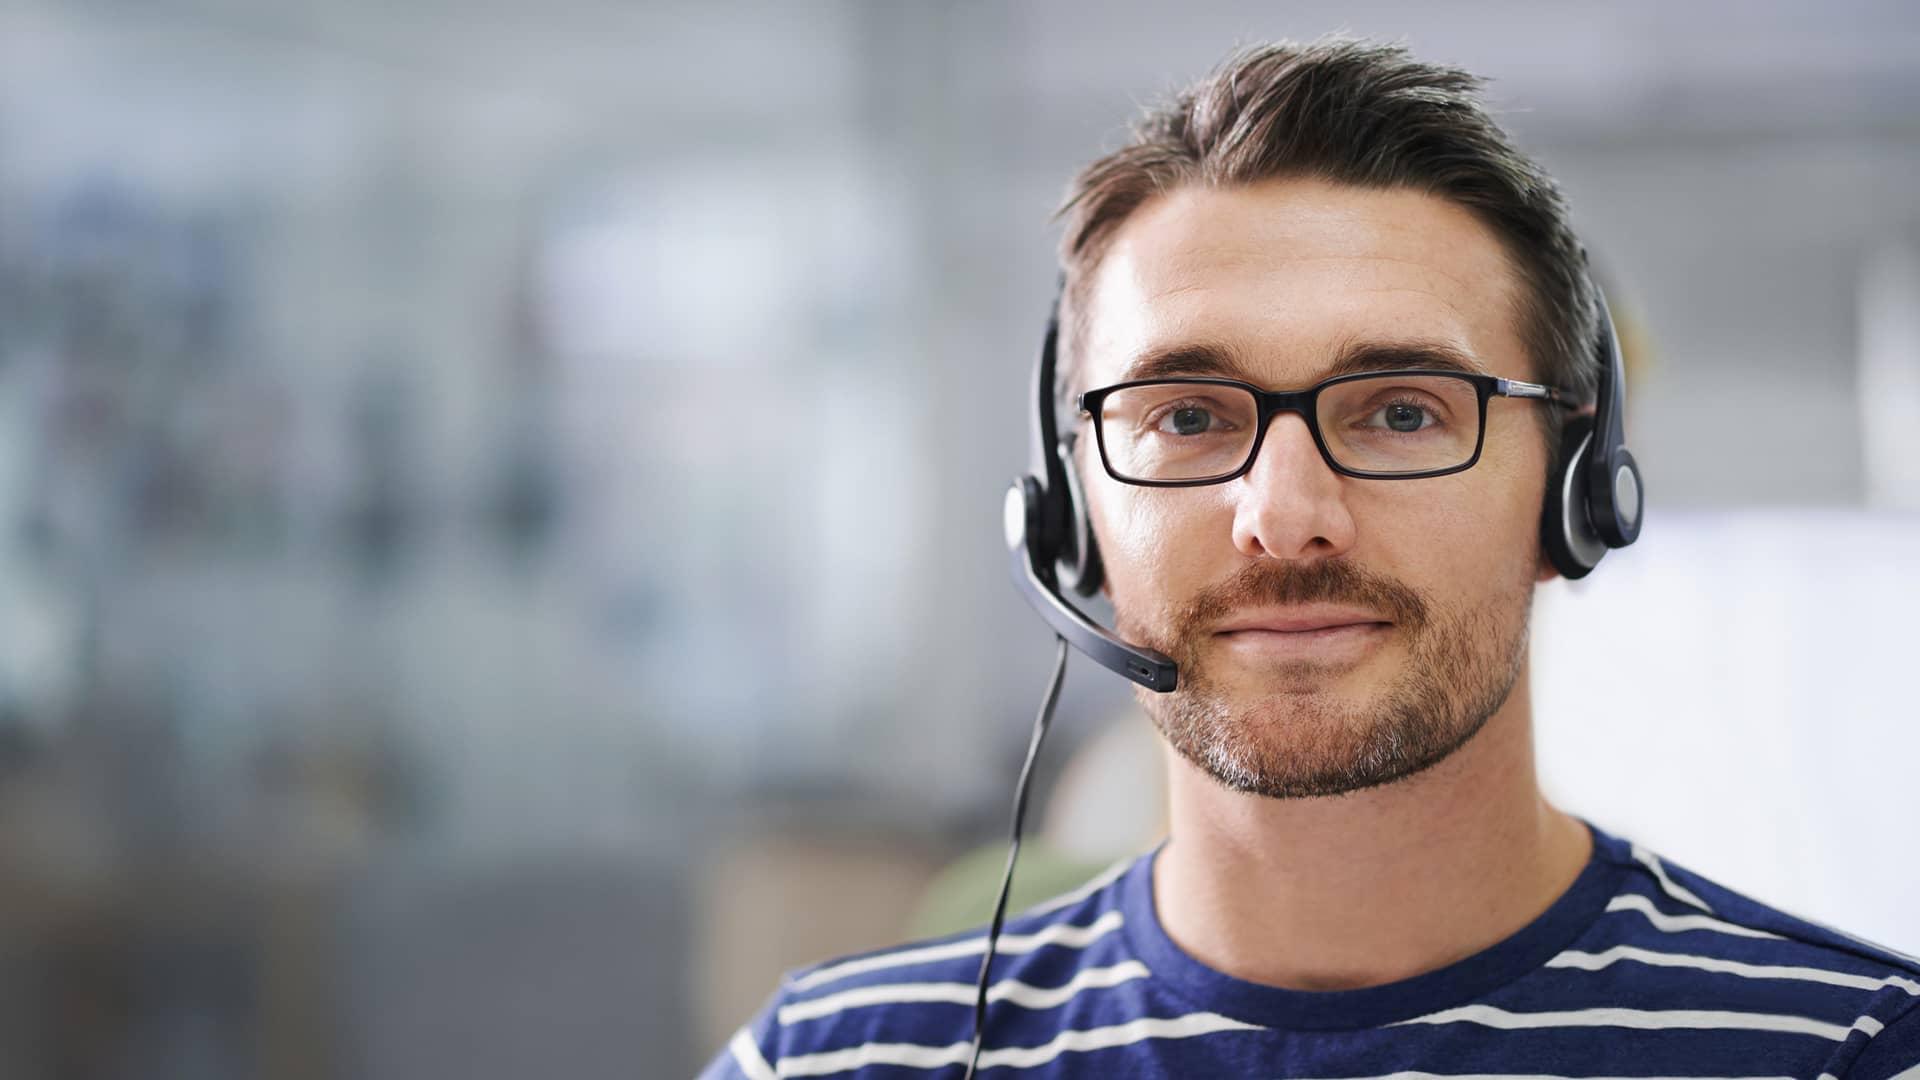 Servicio técnico Movistar: contacto y reclamación